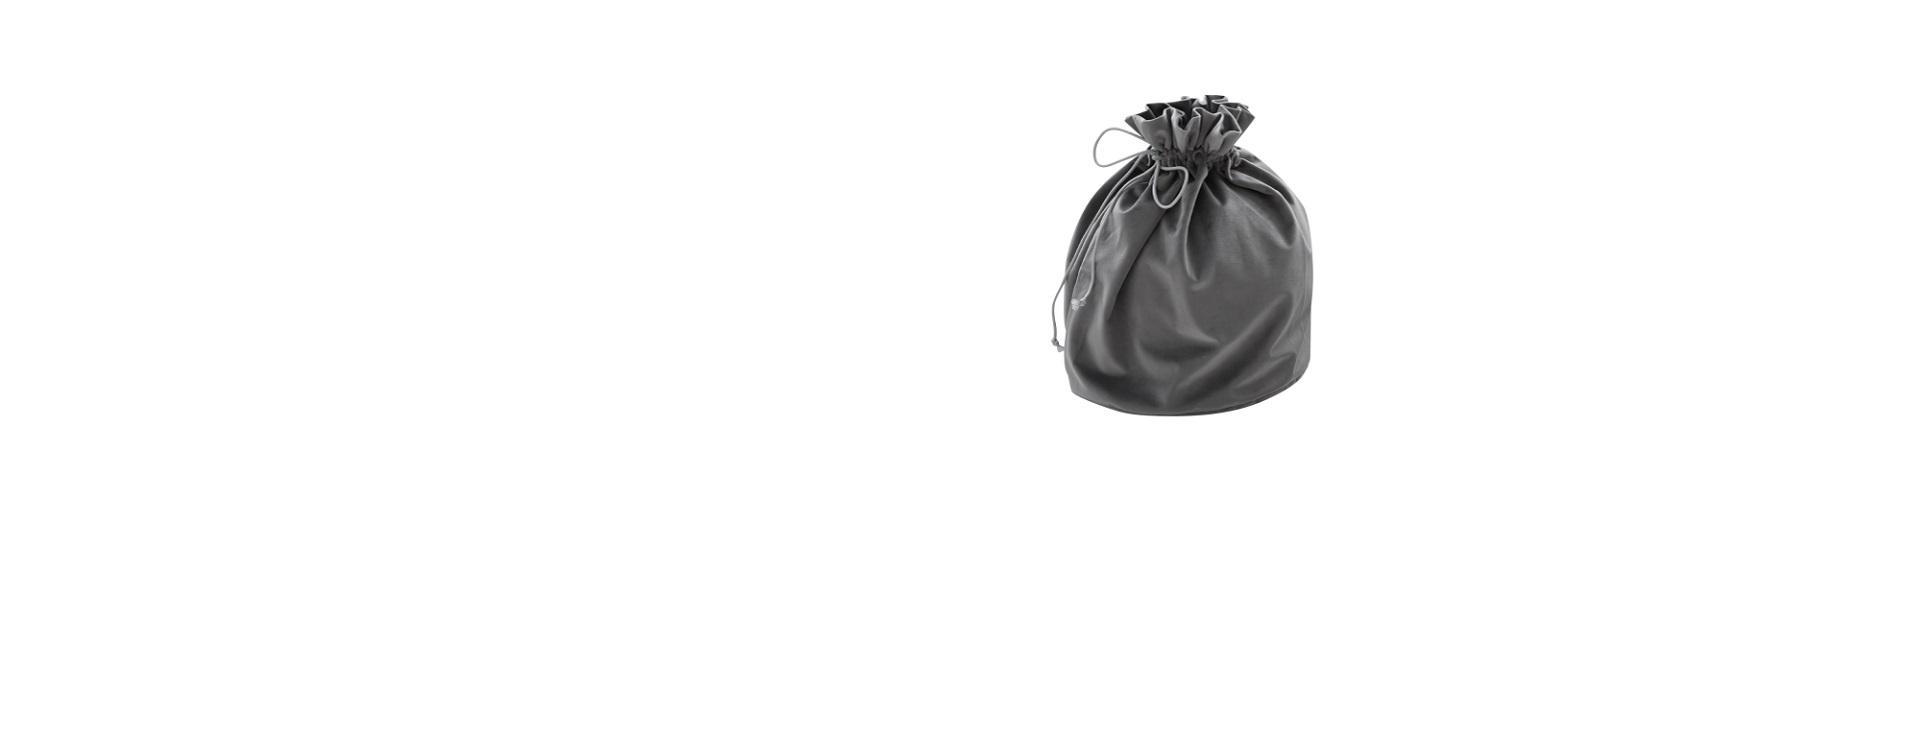 Tellus Velvet bags